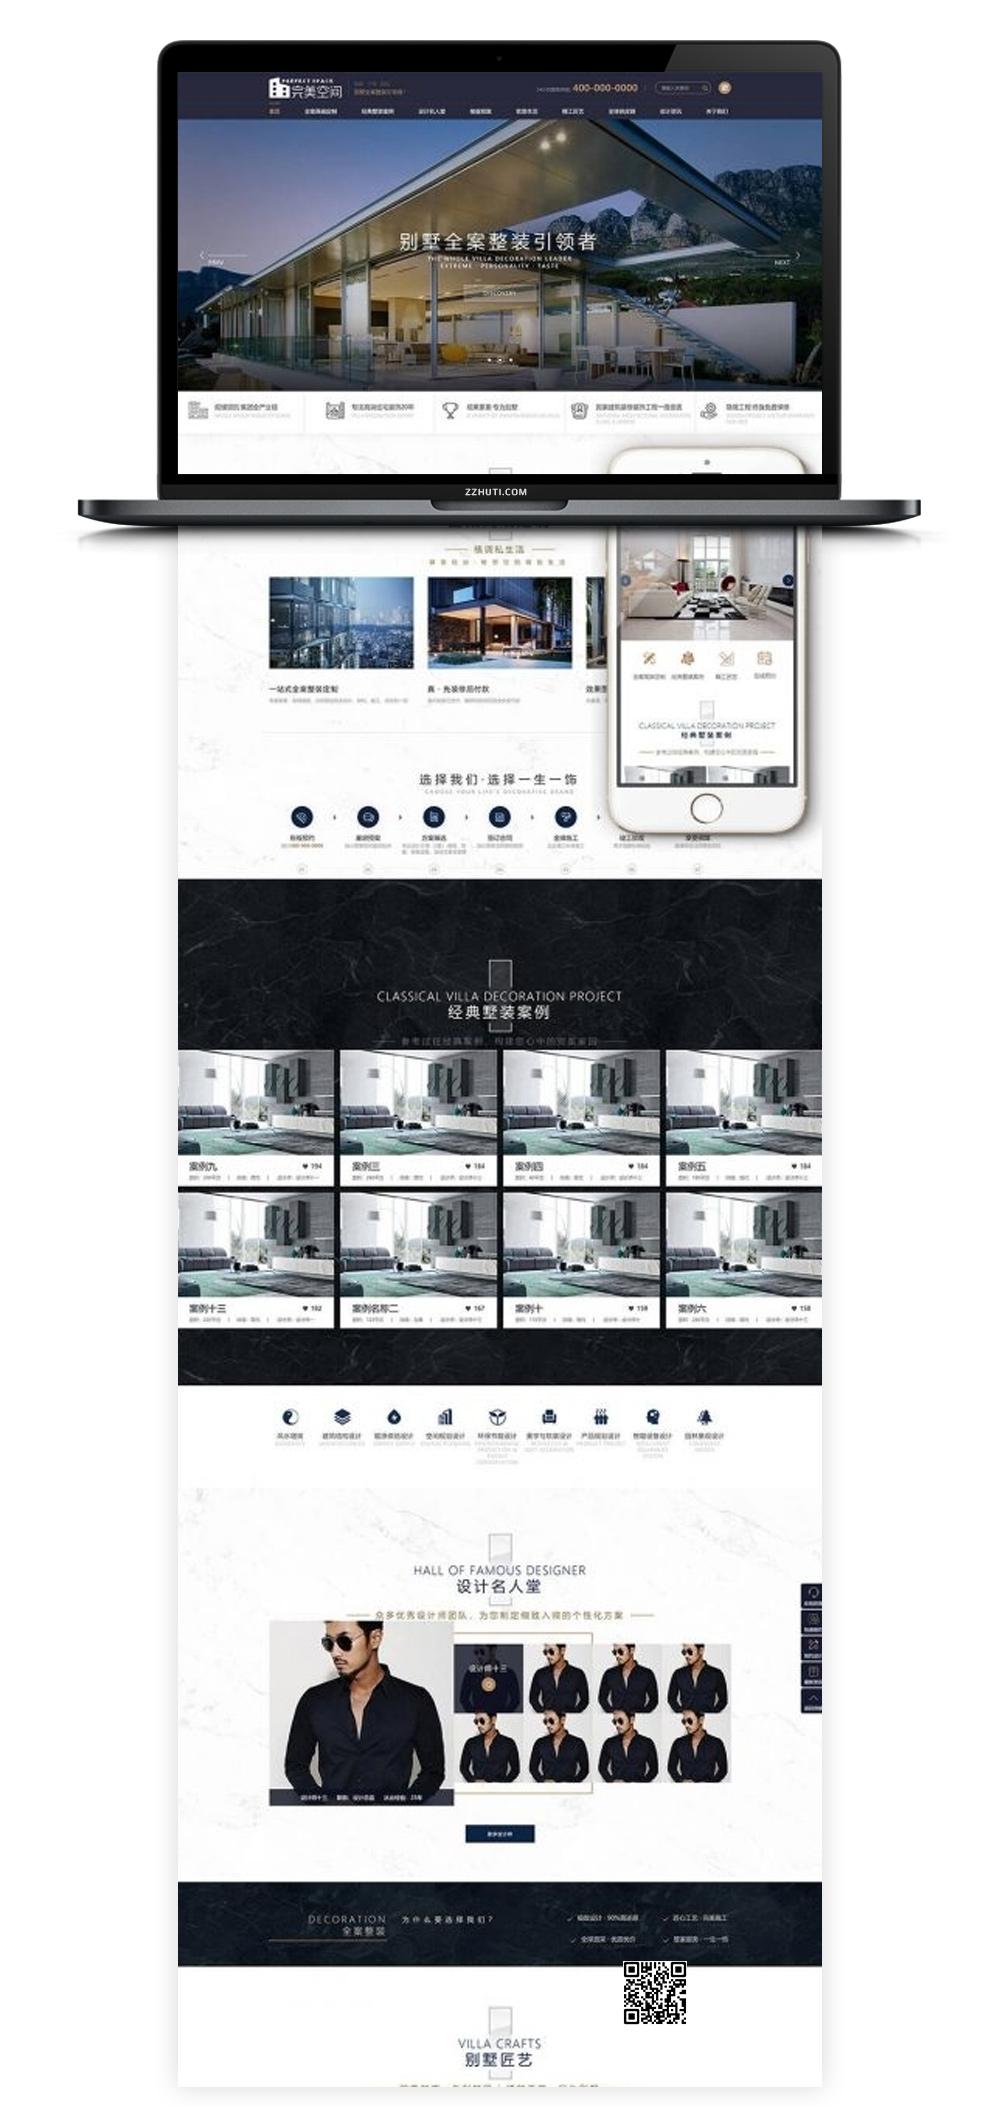 【织梦高端设计模板】响应式高端品牌家装设计类网站dedecms自适应模板-找主题源码